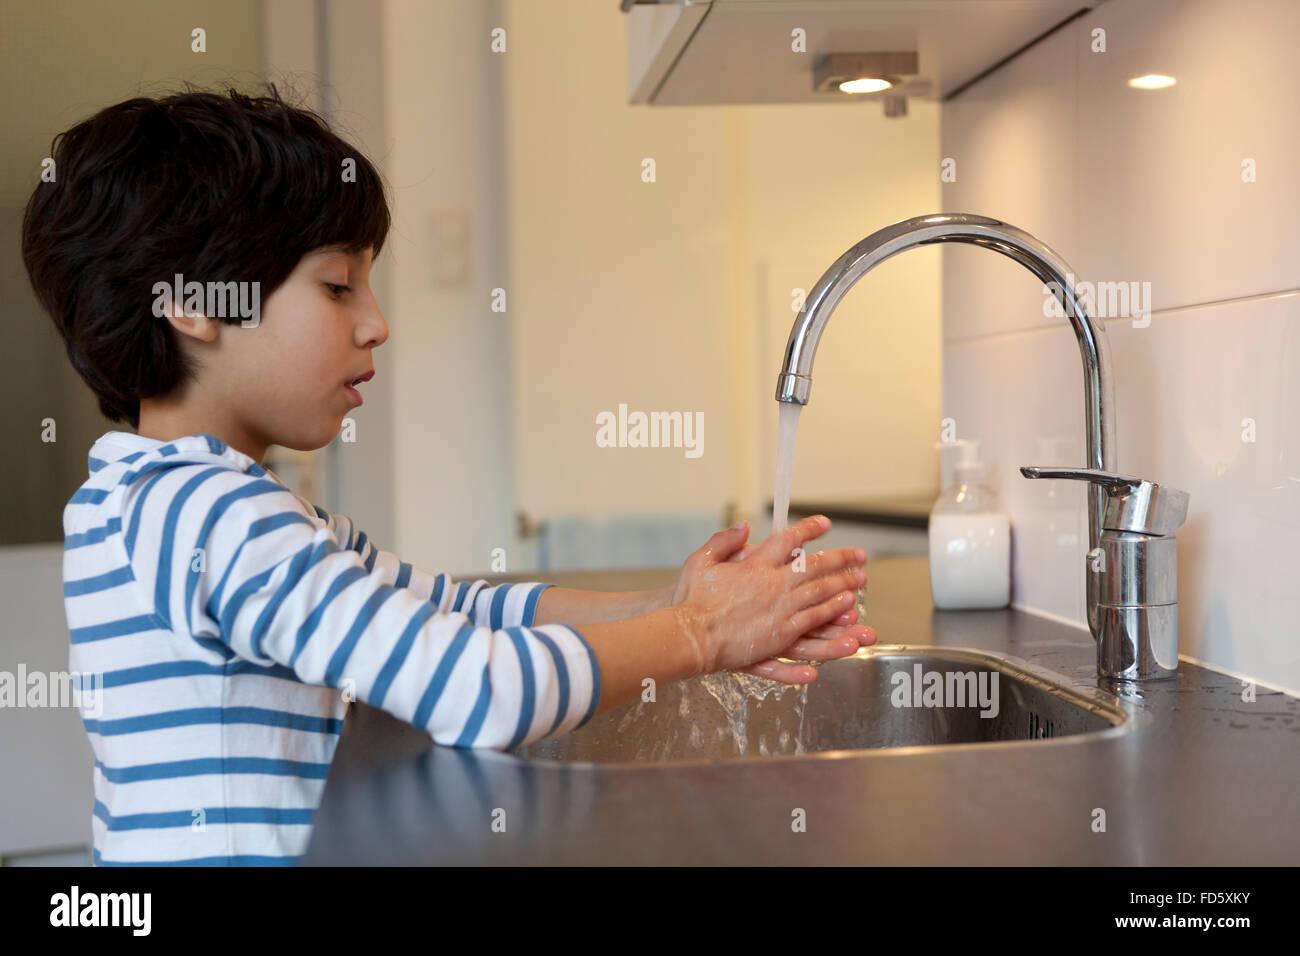 Boy washing im genes de stock boy washing fotos de stock for Lavado de manos en la cocina